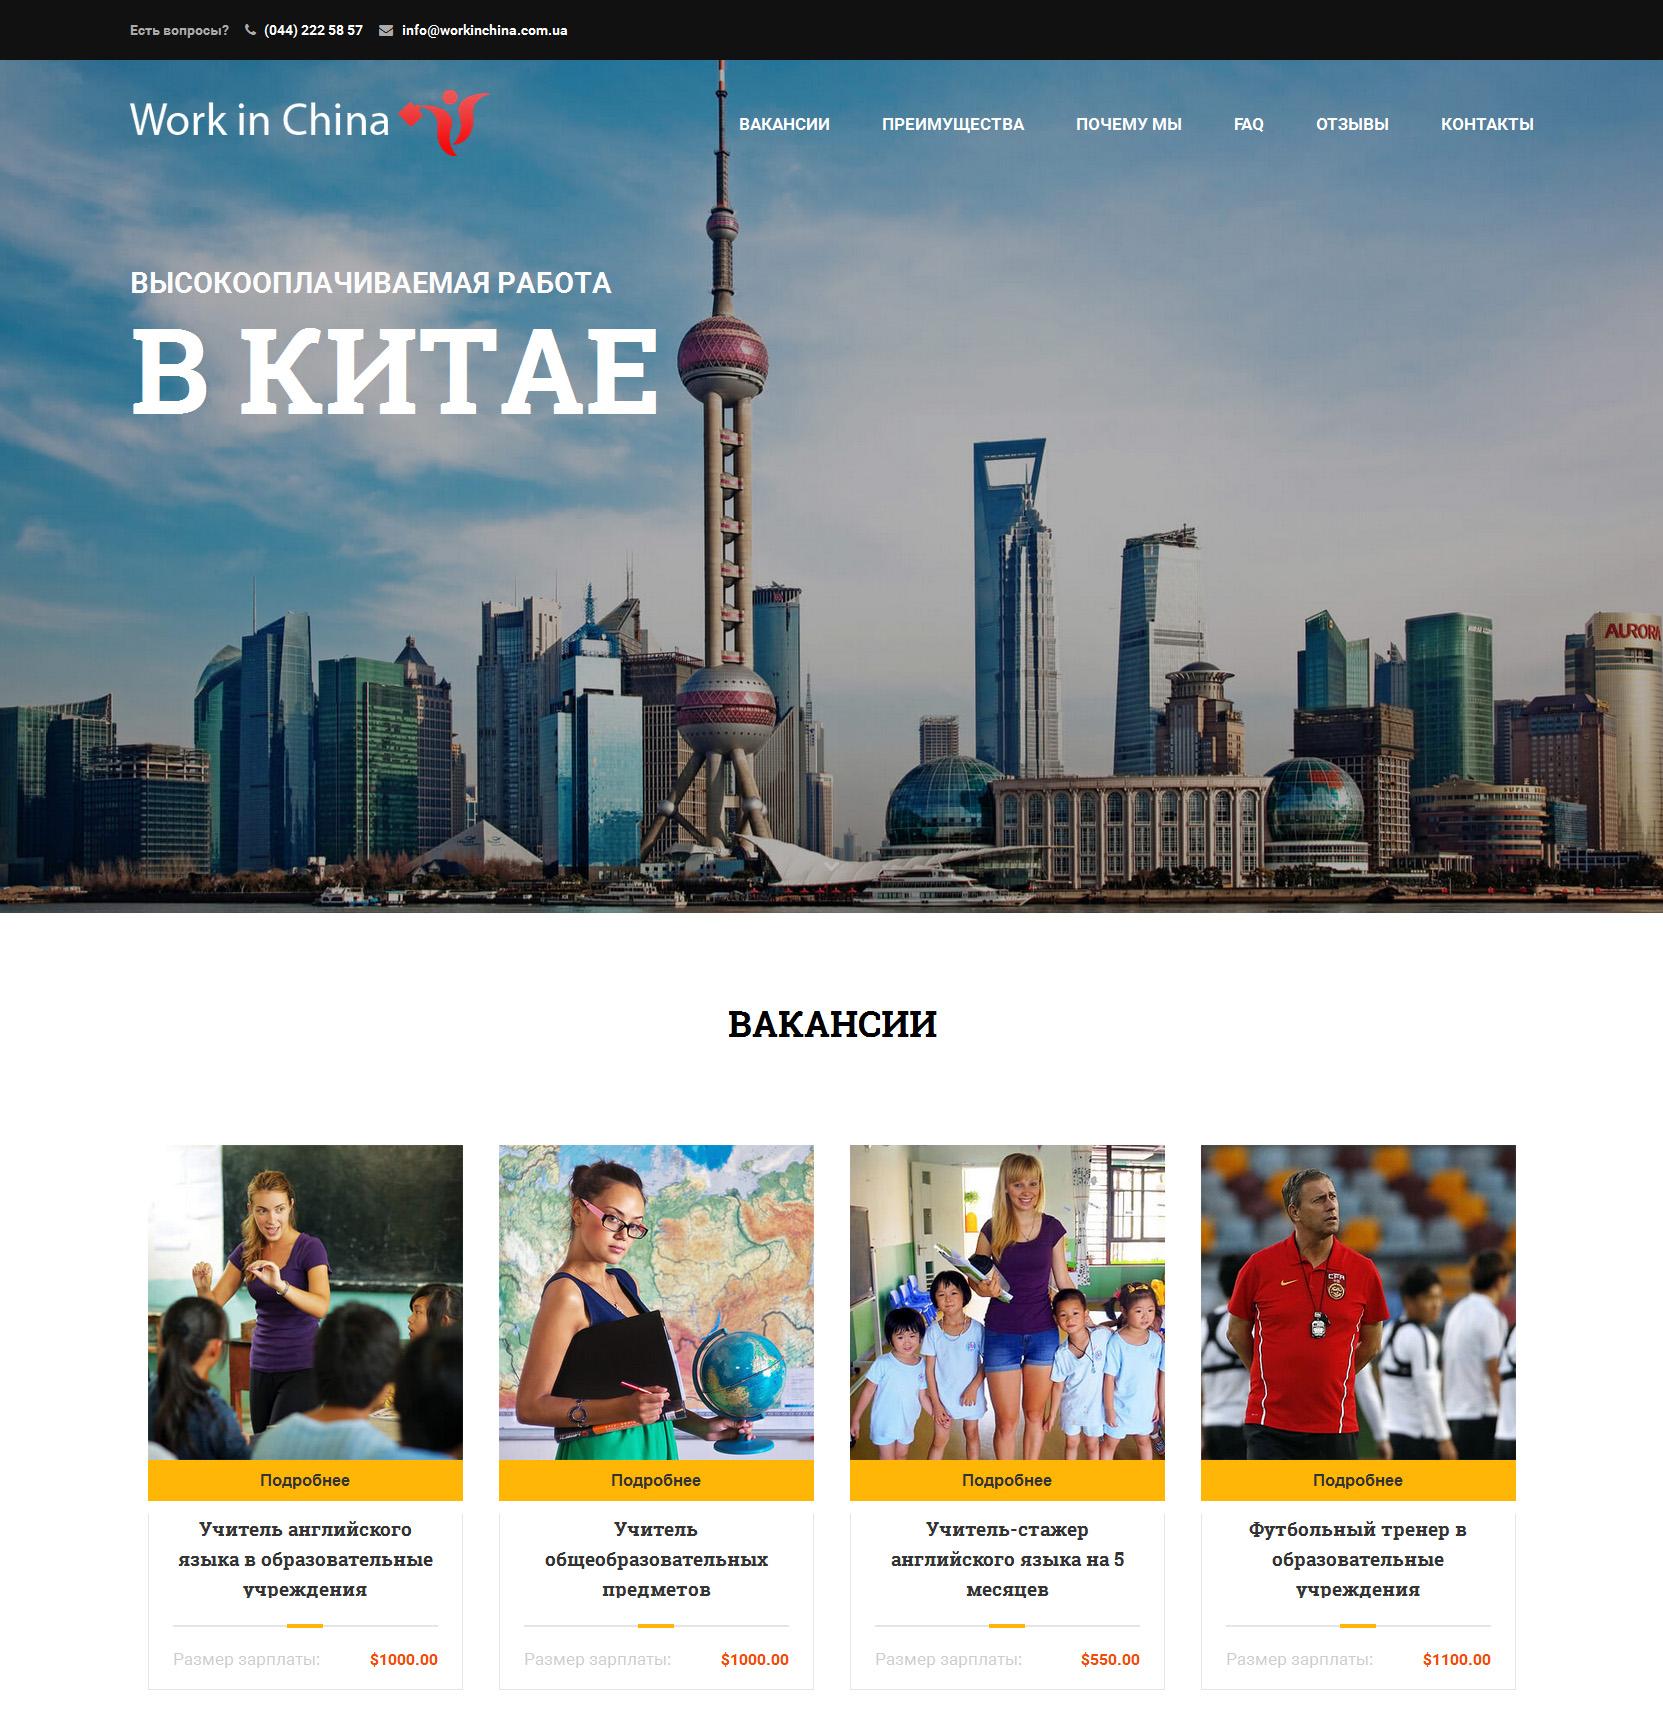 jobinchina.ru